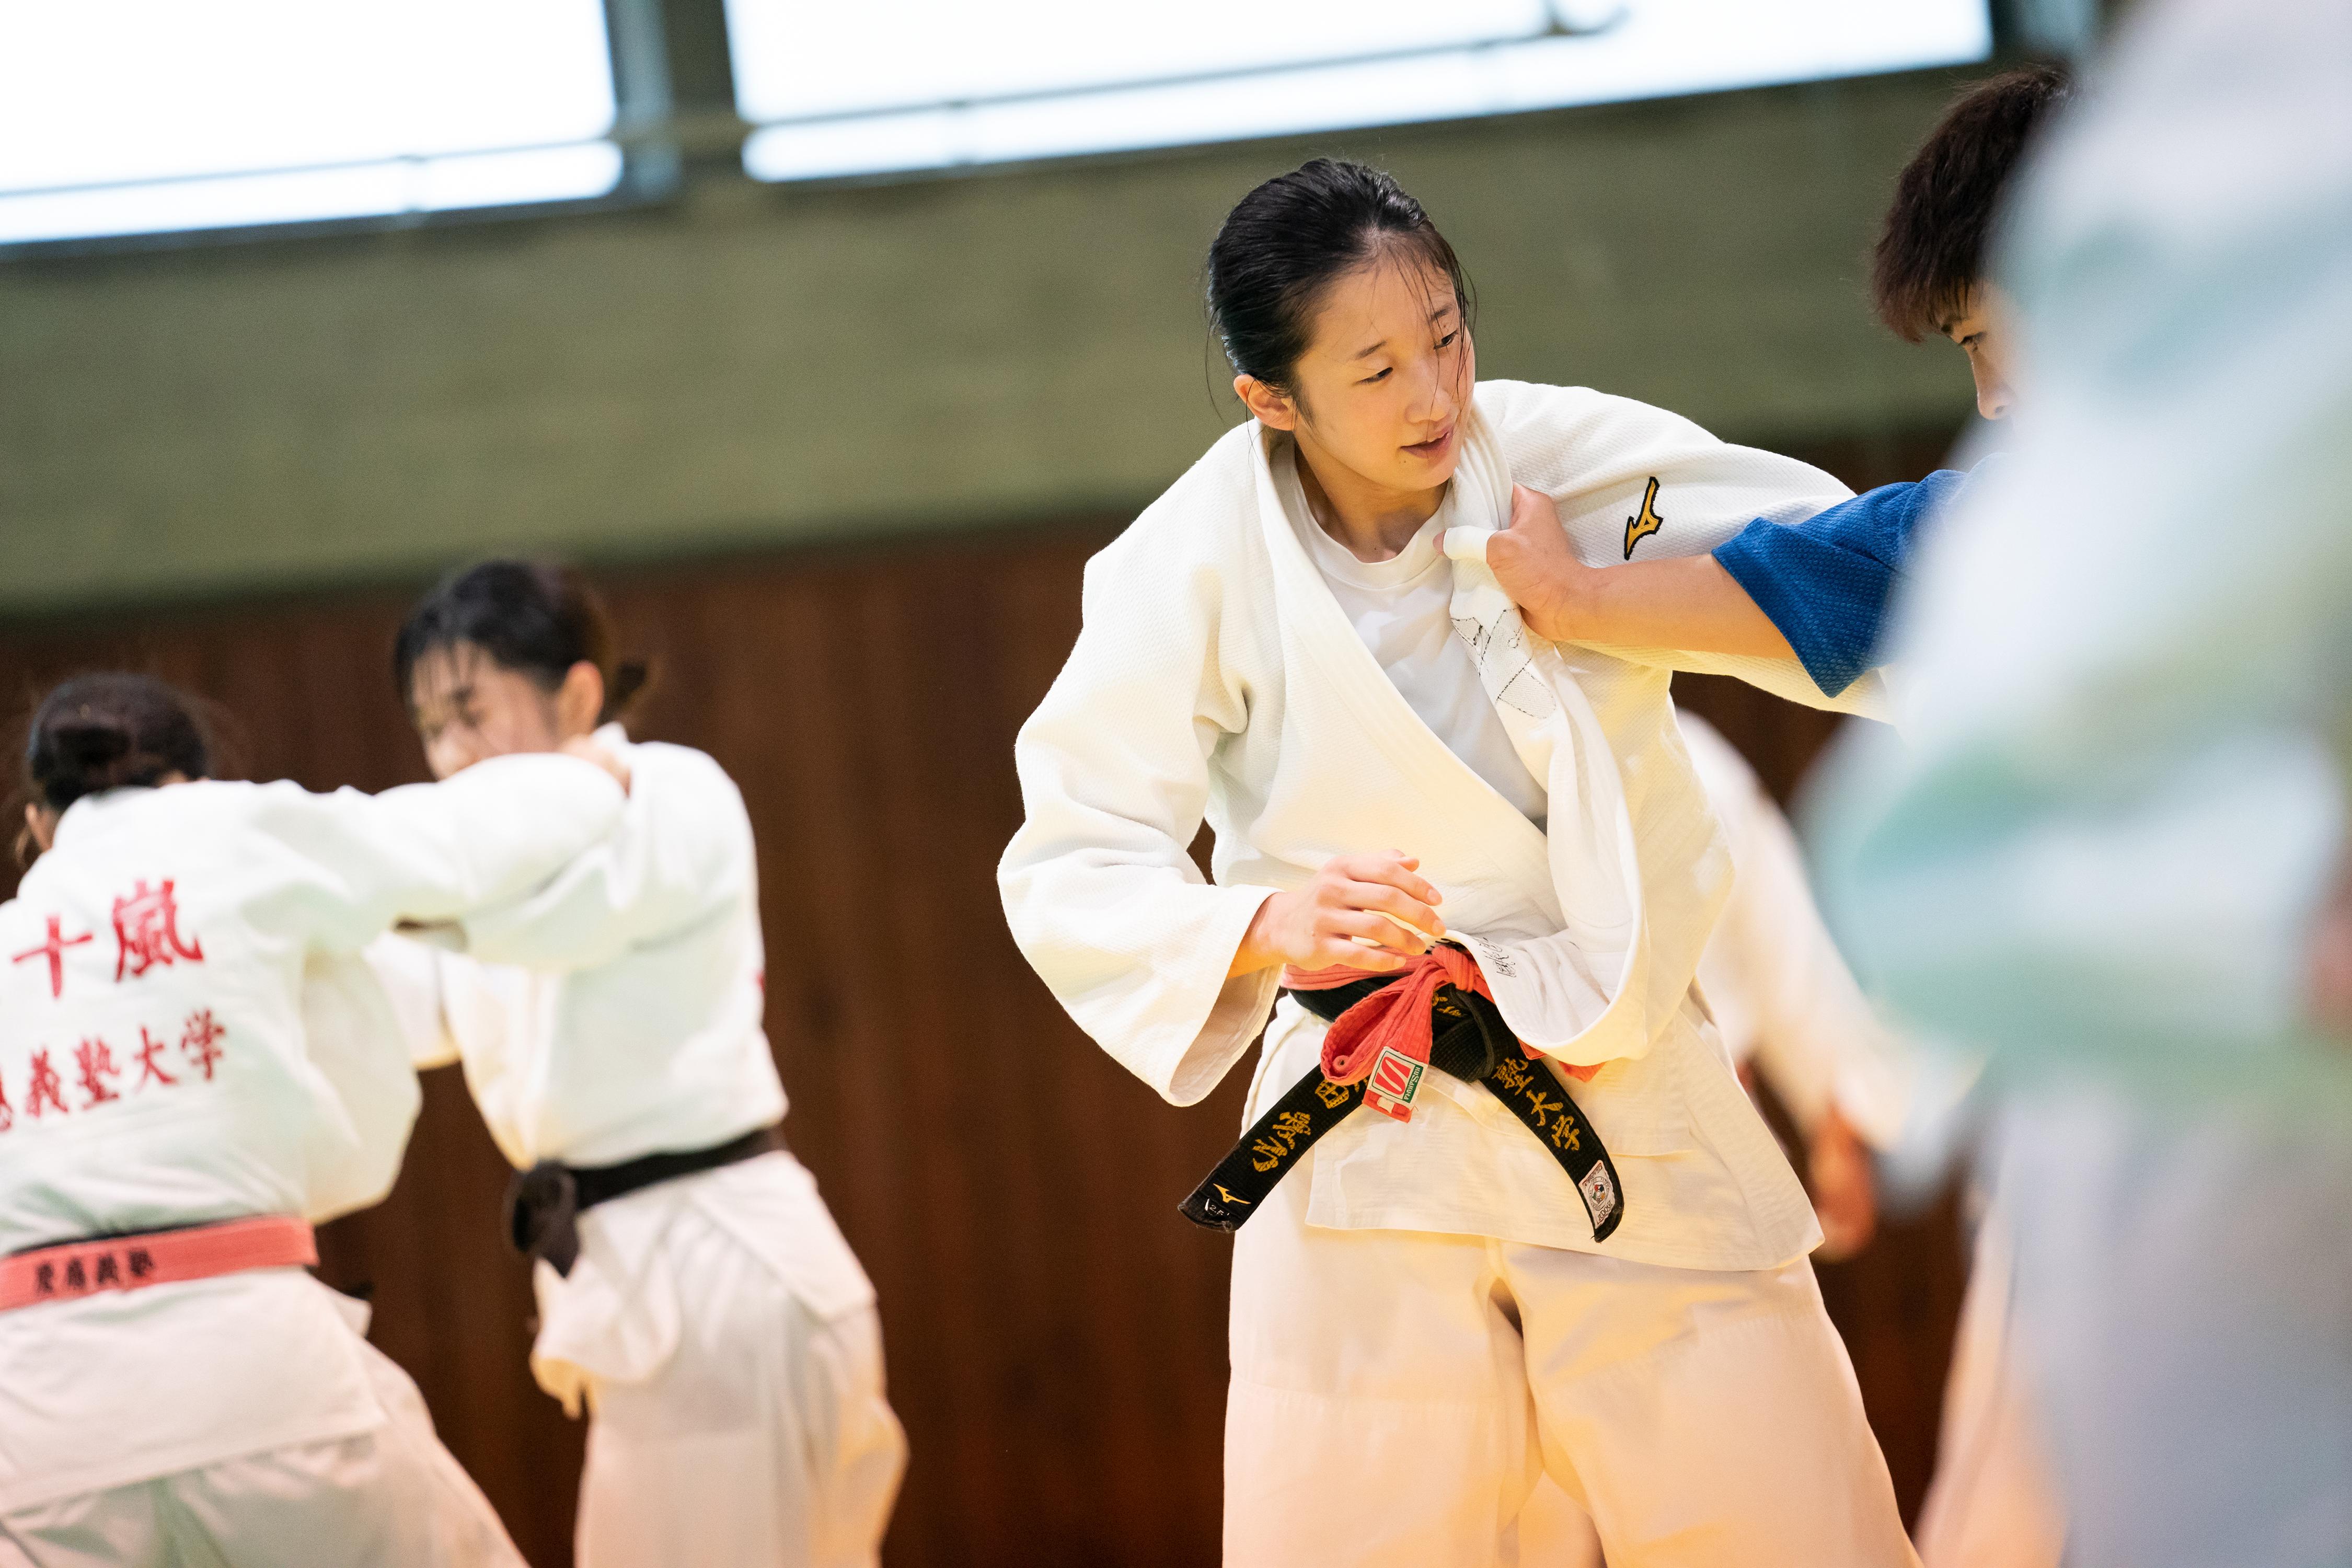 主務らしく細やかな気遣いが光る栗田さんも練習中は真剣な眼差しを見せる